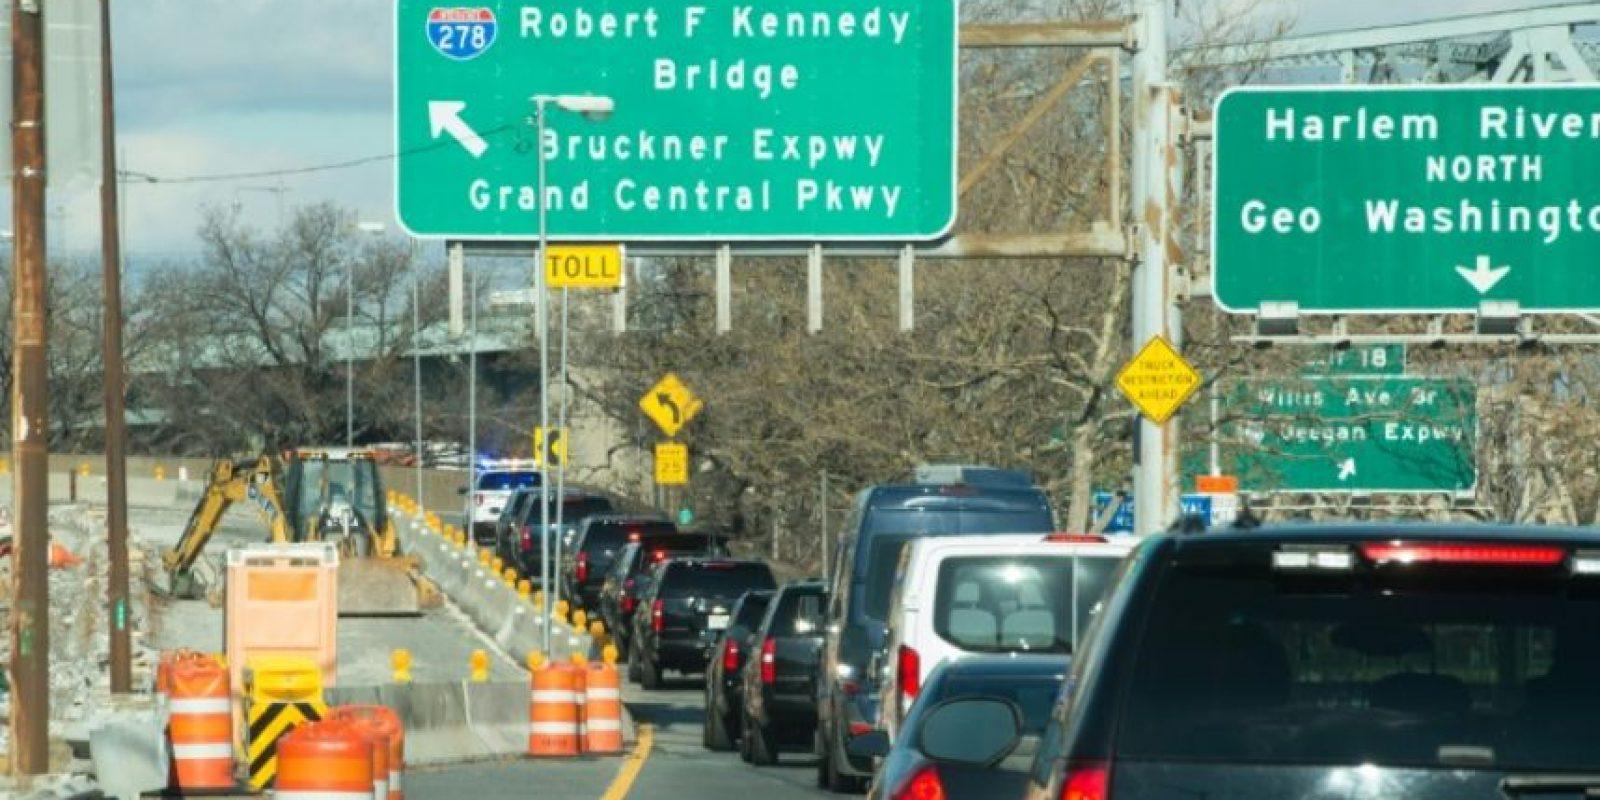 La caravana de vehículos del presidente electo estadounidense, Donald Trump, se dirige al aeropuerto neoyorquino de LaGuardia, el 1 de diciembre de 2016 Foto:Bryan R. Smith/afp.com